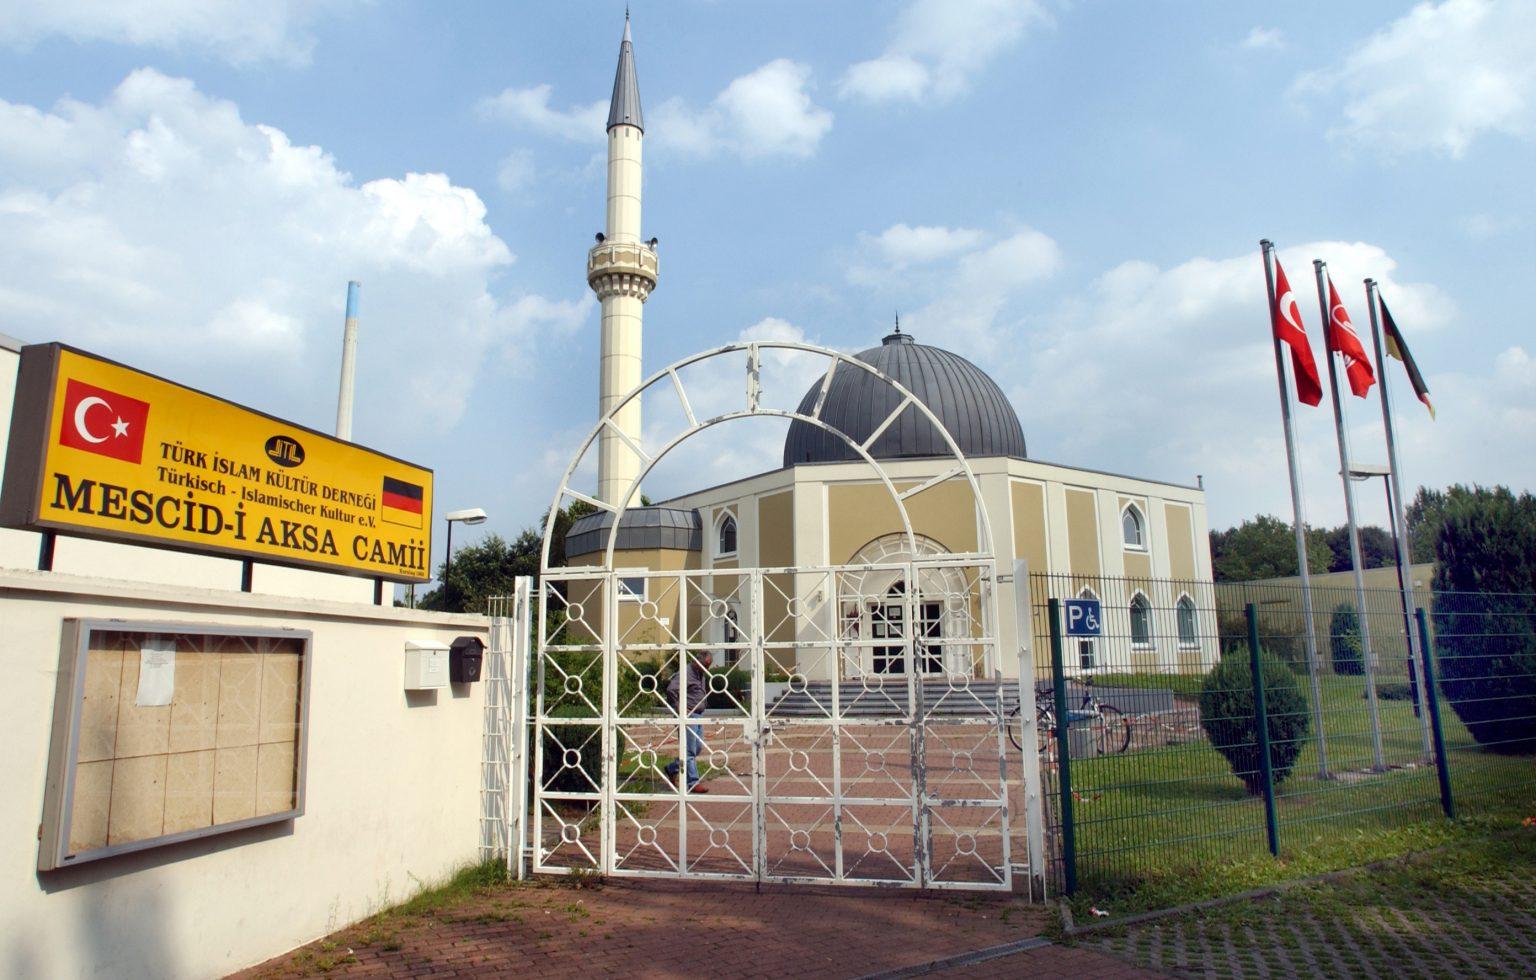 Německo: Zelení jako opora muezzinů, křičících z mešity